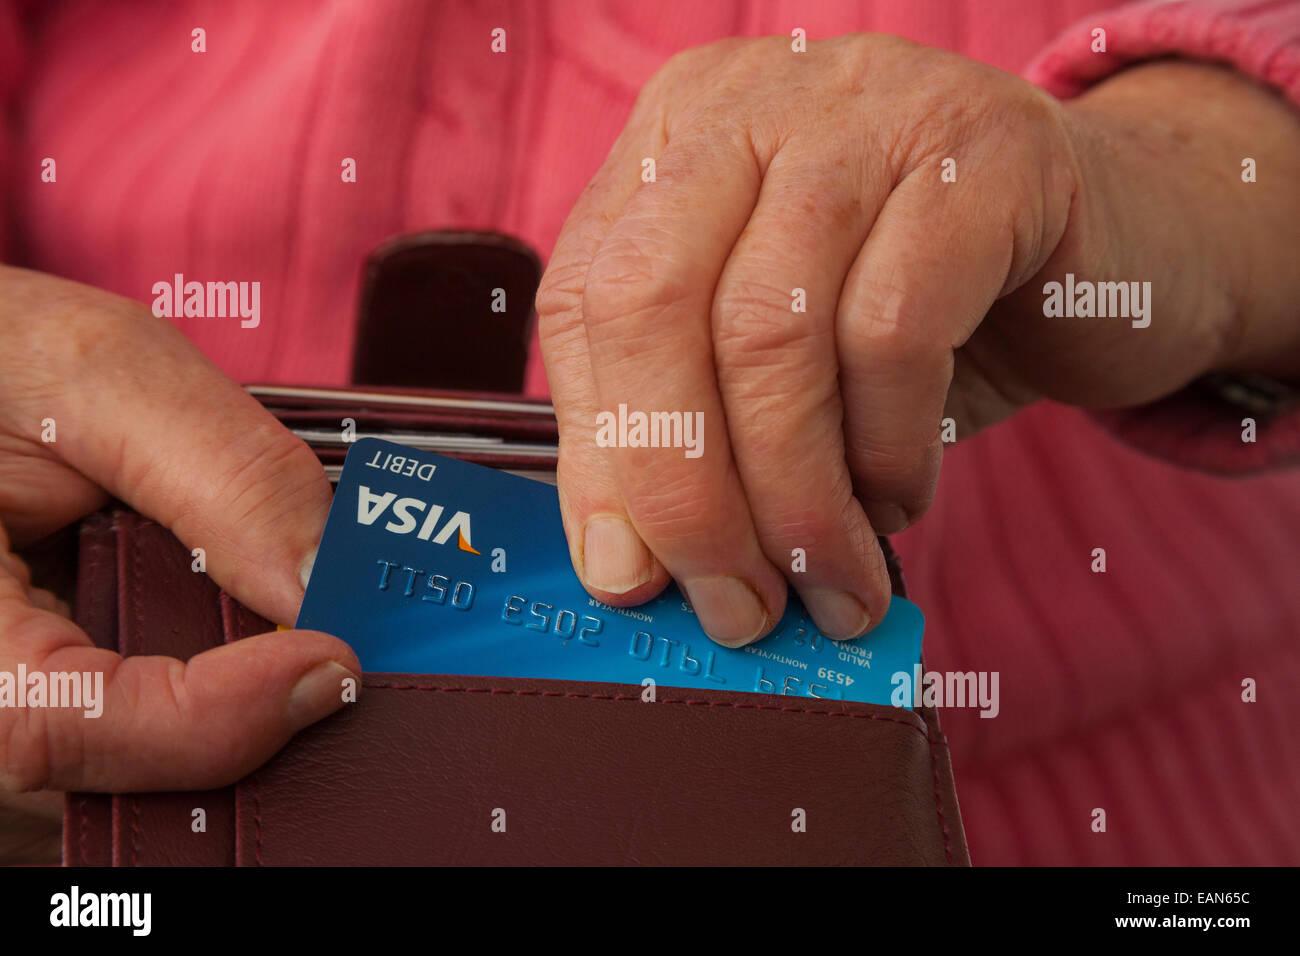 Femme âgée de prendre une carte Visa Débit hors d'un porte-monnaie pour faire une carte d'achat Photo Stock